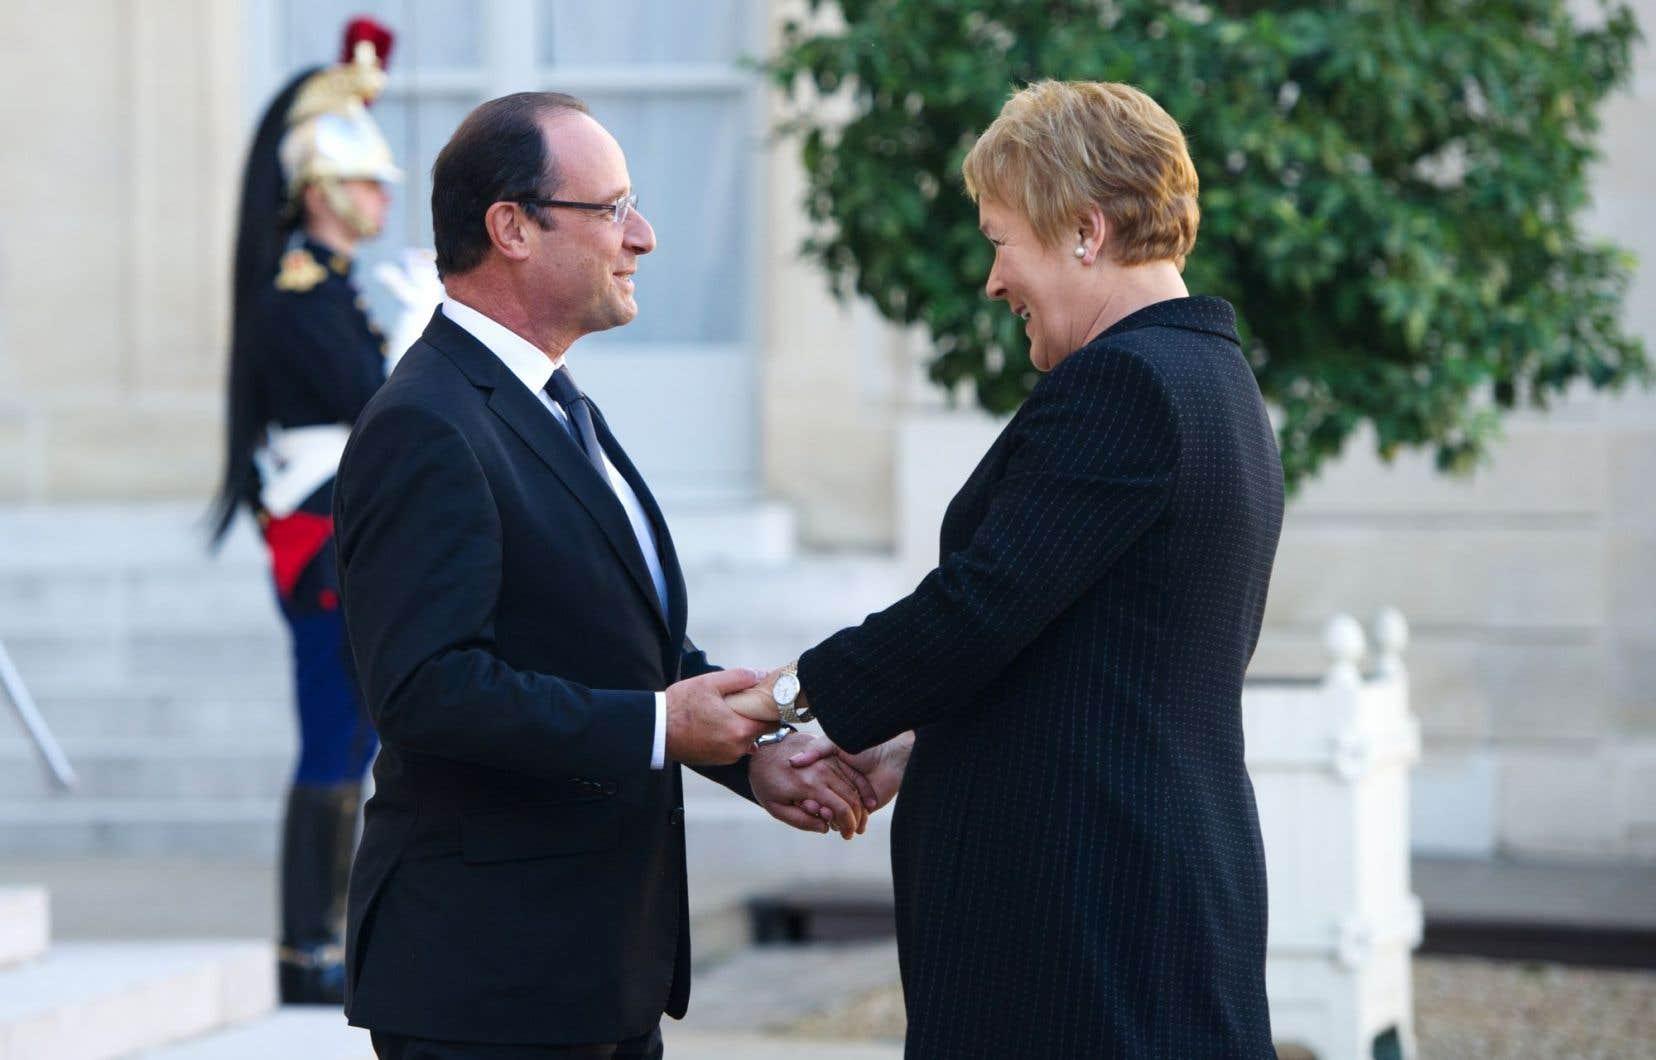 «Je ne vois vraiment rien dans la carrière politique de Mme Marois qui permet de conclure qu'elle ne maîtrise pas les enjeux internationaux et qu'elle a desservi le Québec sur la scène internationale, et ce, à partir d'un seul point de presse !» écrit l'auteure.